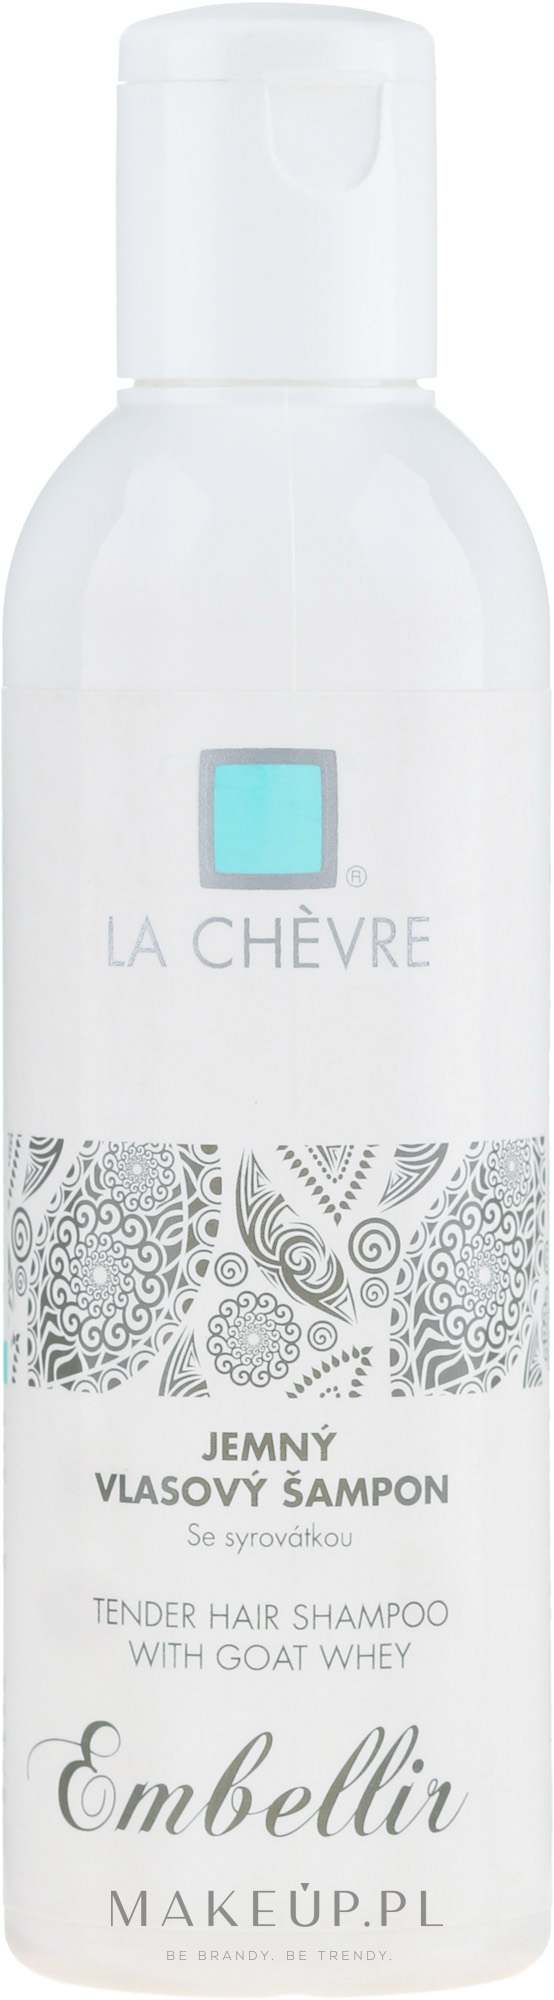 Naturalny szampon do włosów i wrażliwej skóry głowy z kozim mlekiem - La Chevre Embellir Soft Hair Shampoo With Goat Milk Whey — фото 200 g